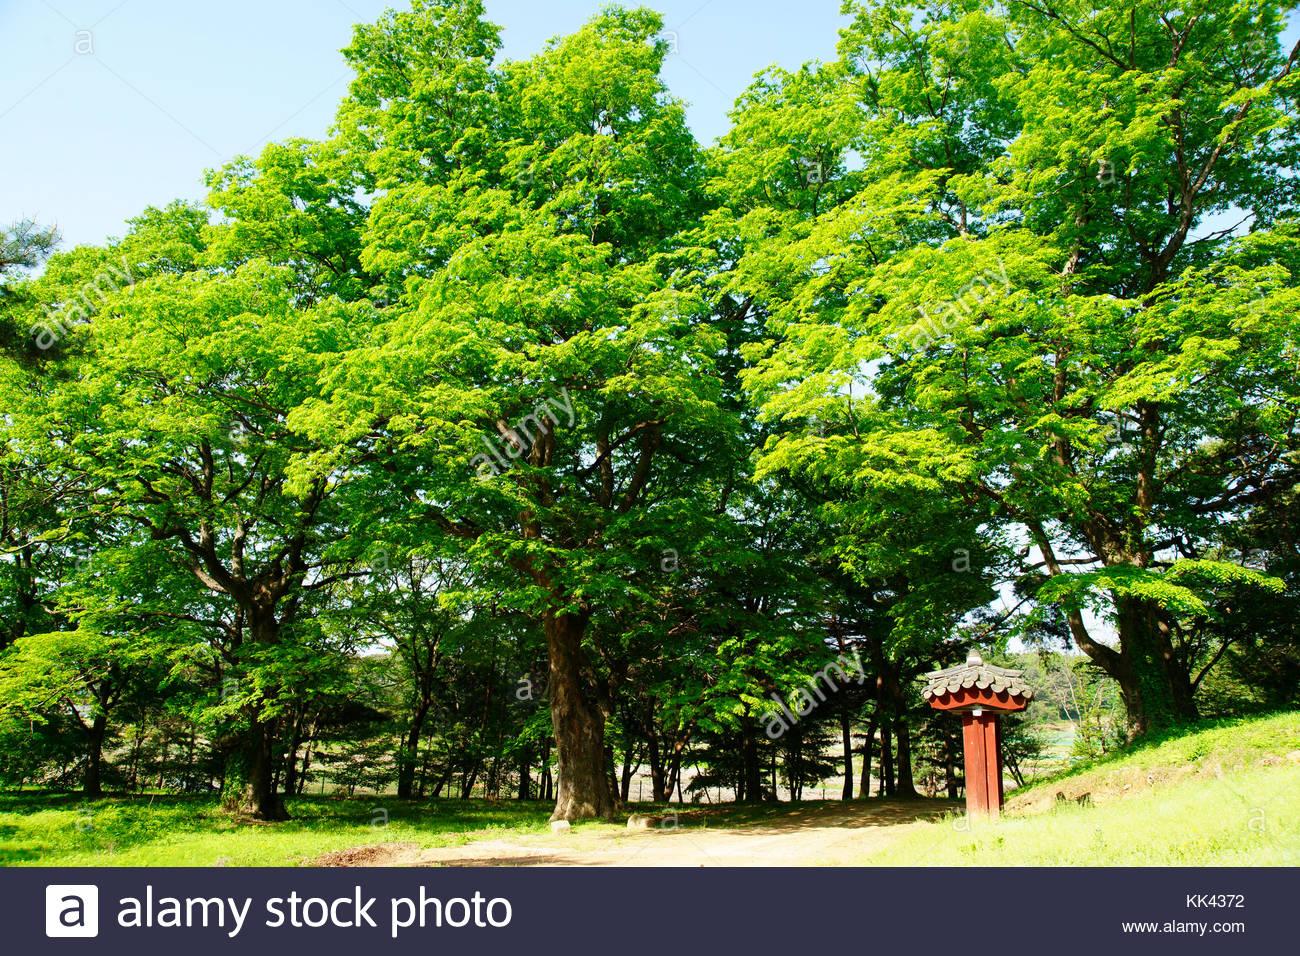 Korean history Royal Tombs of the Joseon Dynasty King Injo zelkova tree - Stock Image